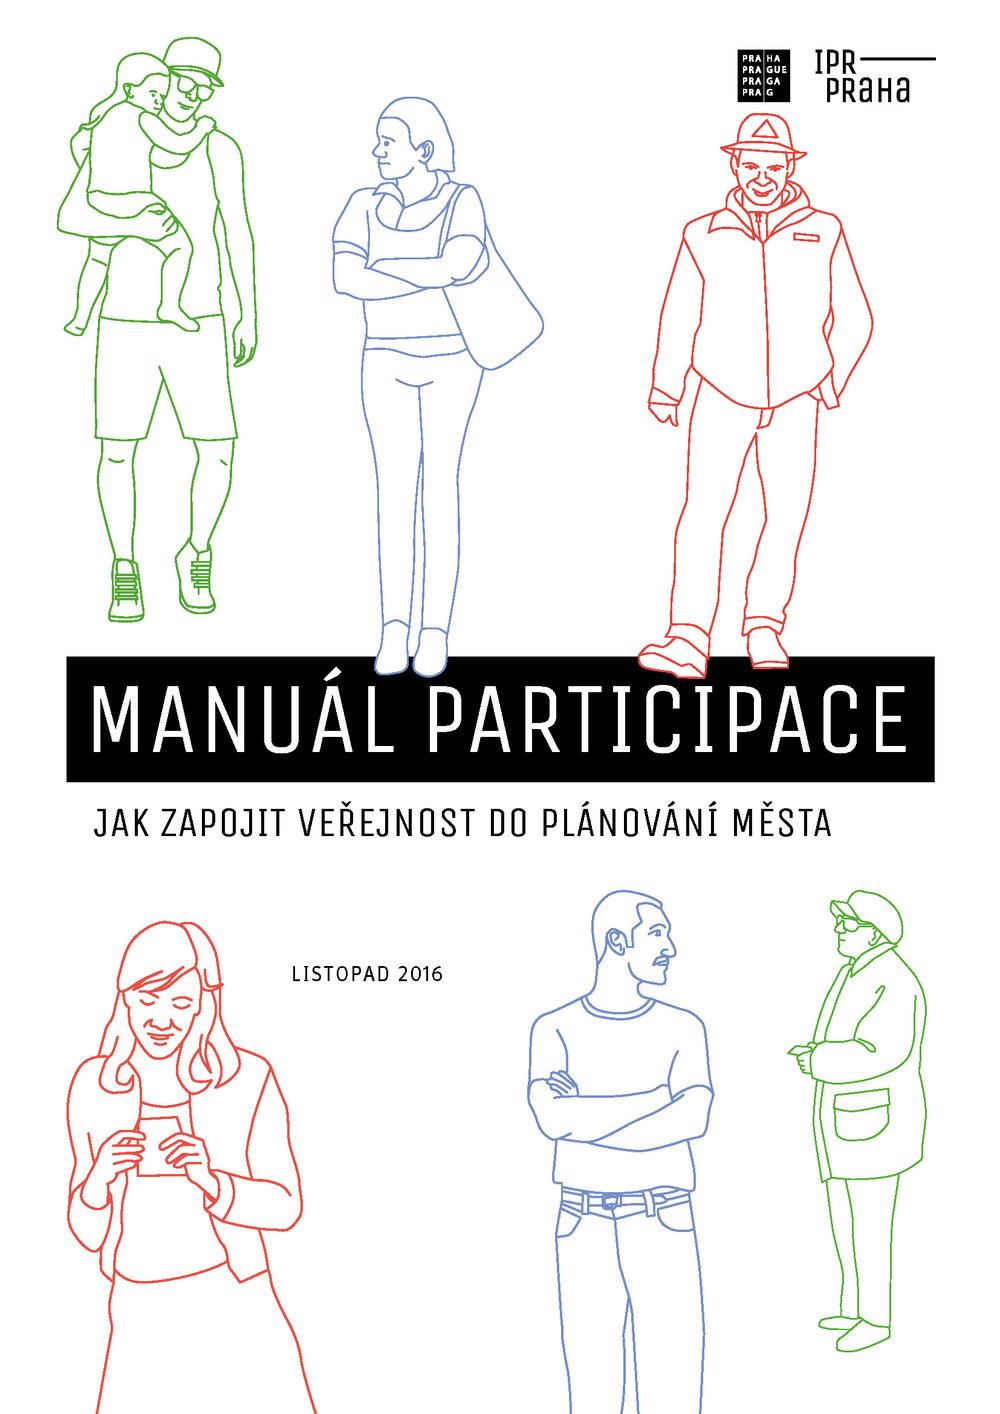 Manuál Participace, jednou z autorek je i Pavla Pelčíková  (c) IPR